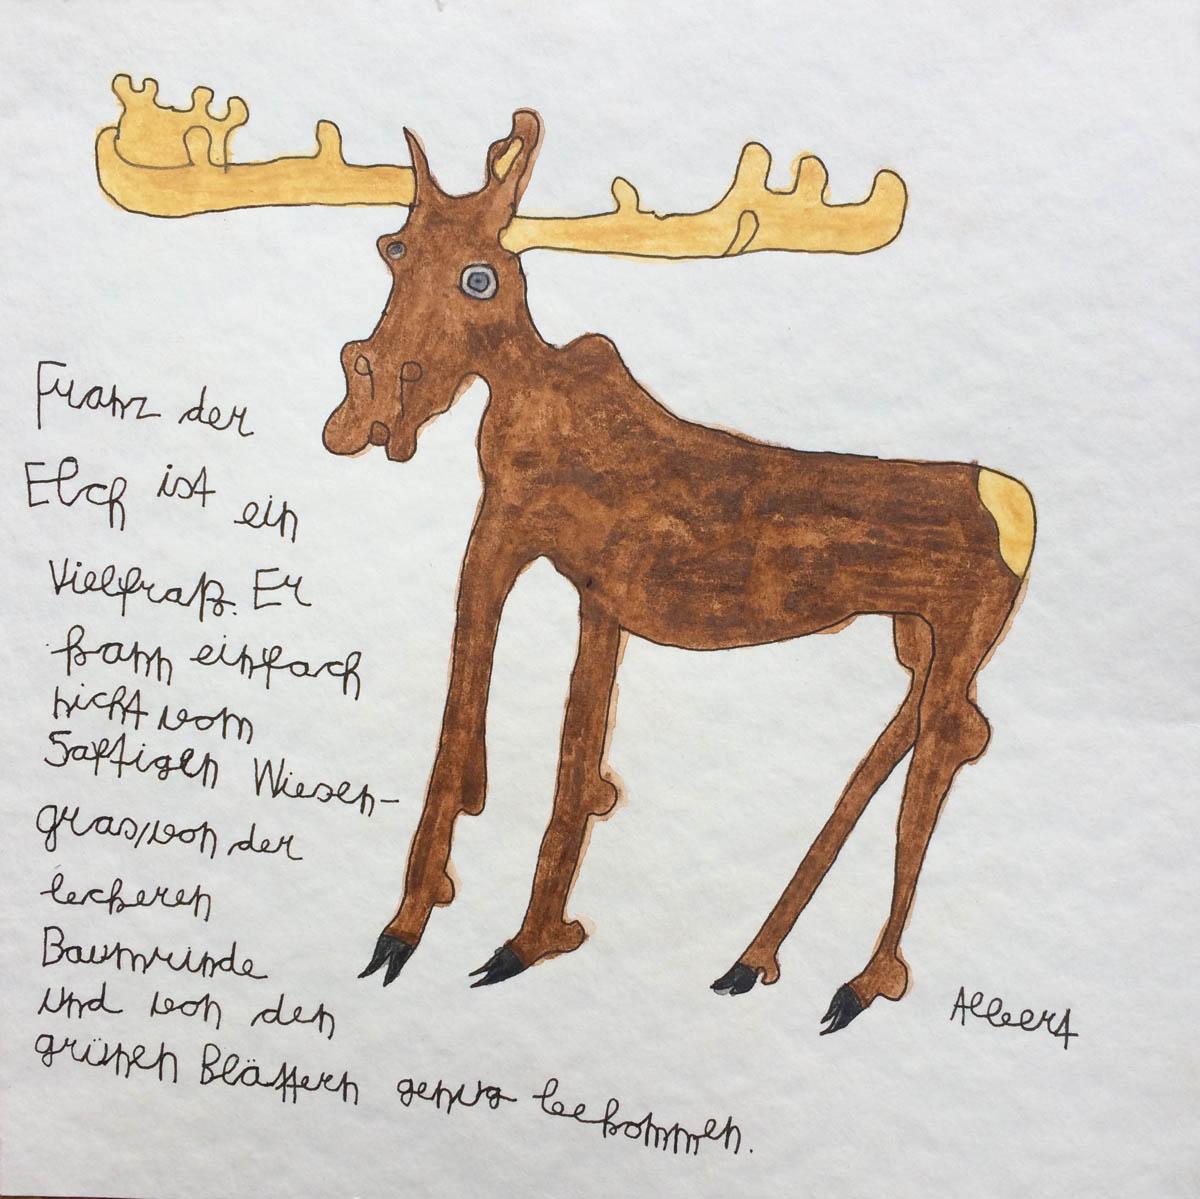 Franz_der_Hirsch